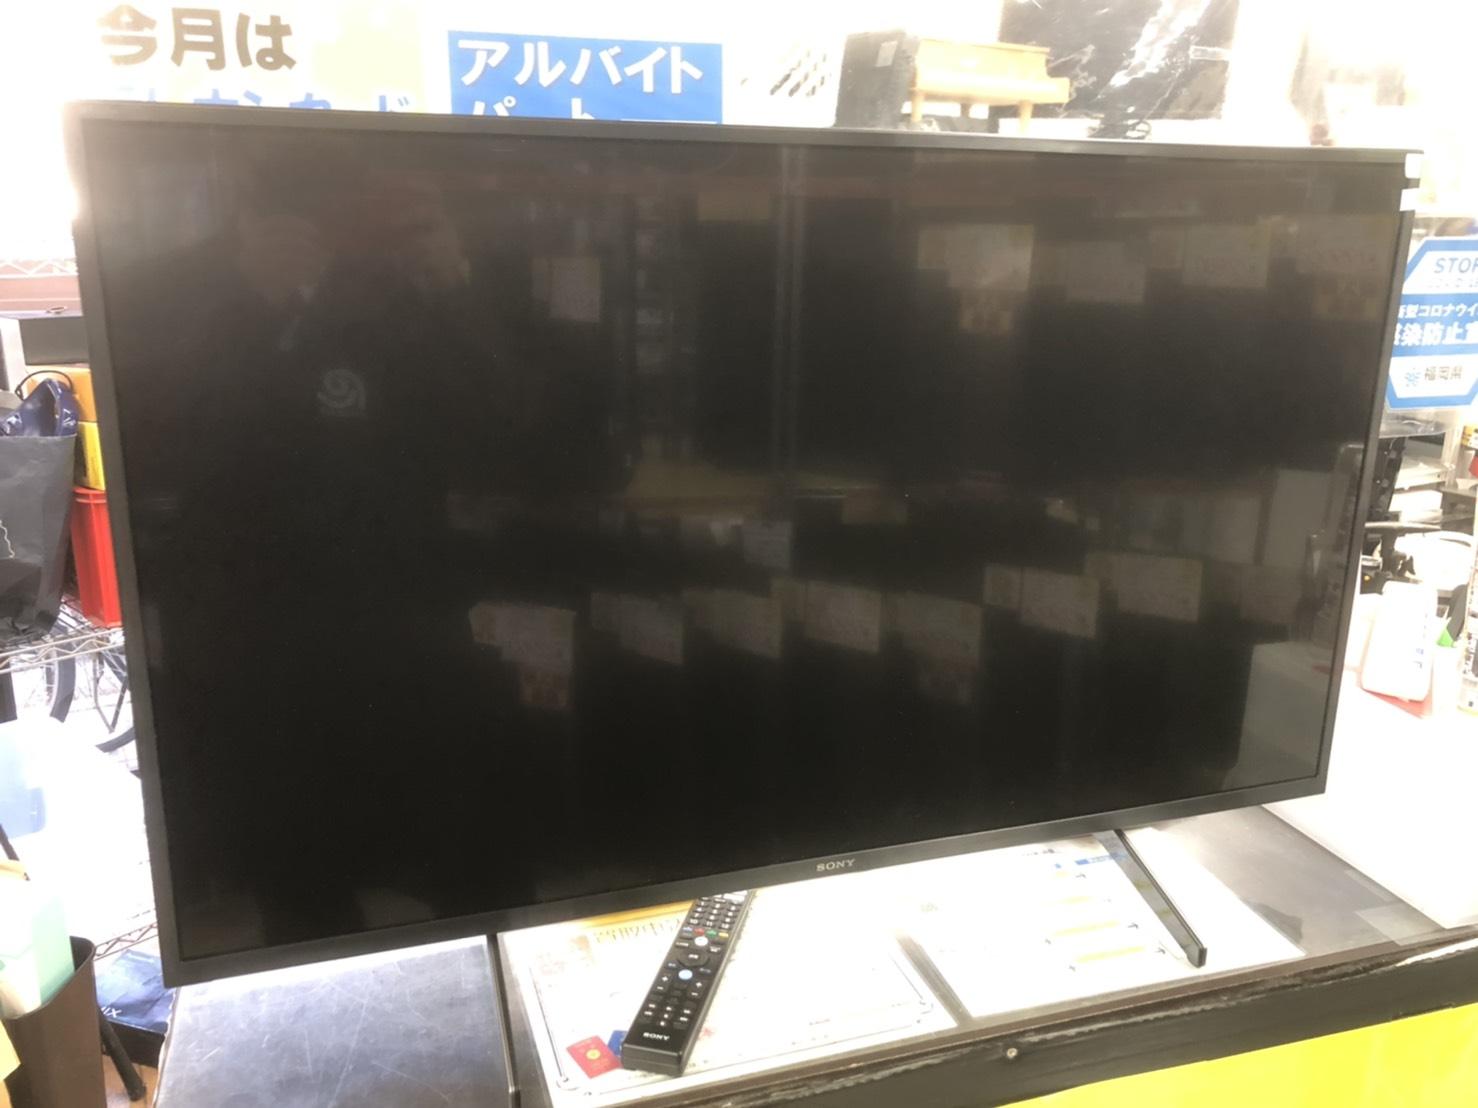 ソニー SONY 2020年製 KJ-43X8000H BRAVIA X8000Hシリーズ 43V型 地上・BS・110度CSデジタル液晶テレビ 4K対応 をお買取りさせて頂きました!!の買取-